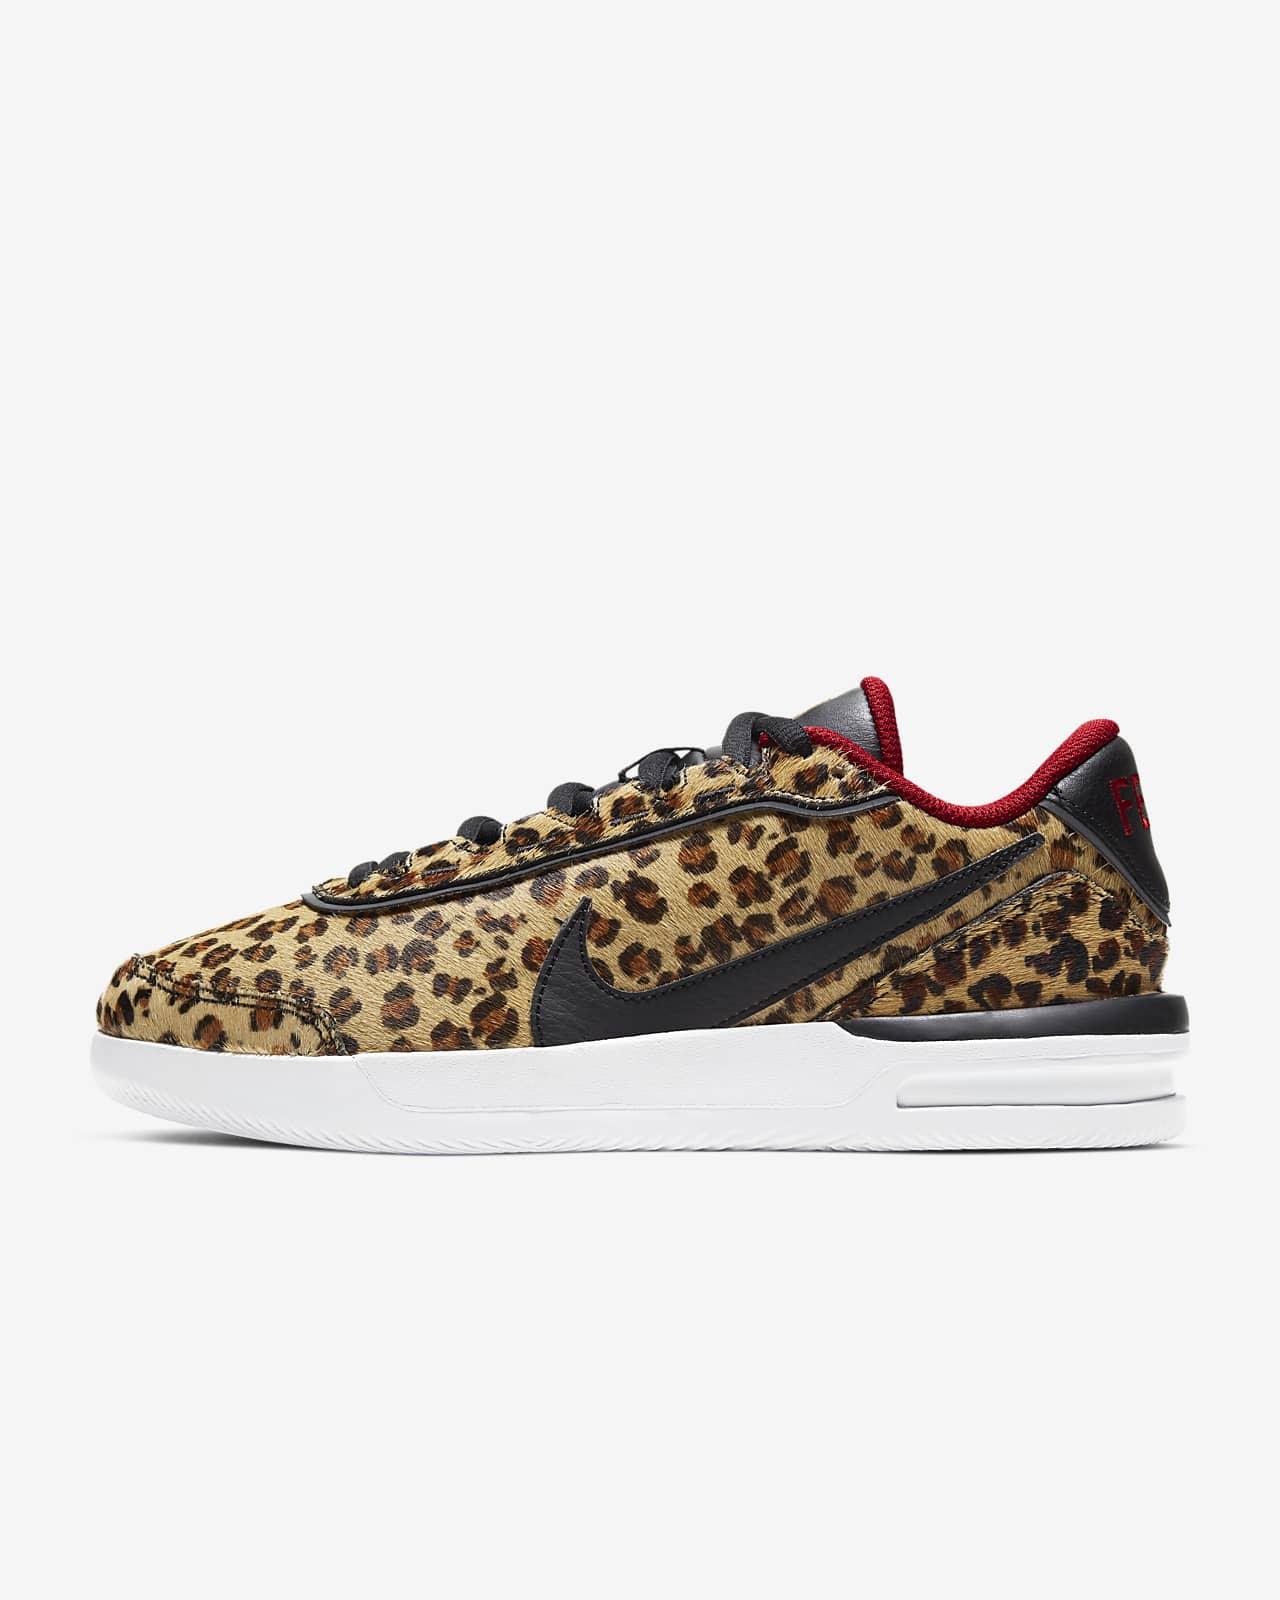 รองเท้าเทนนิสหลายพื้นผิวผู้หญิง NikeCourt Air Vapor Wing Premium